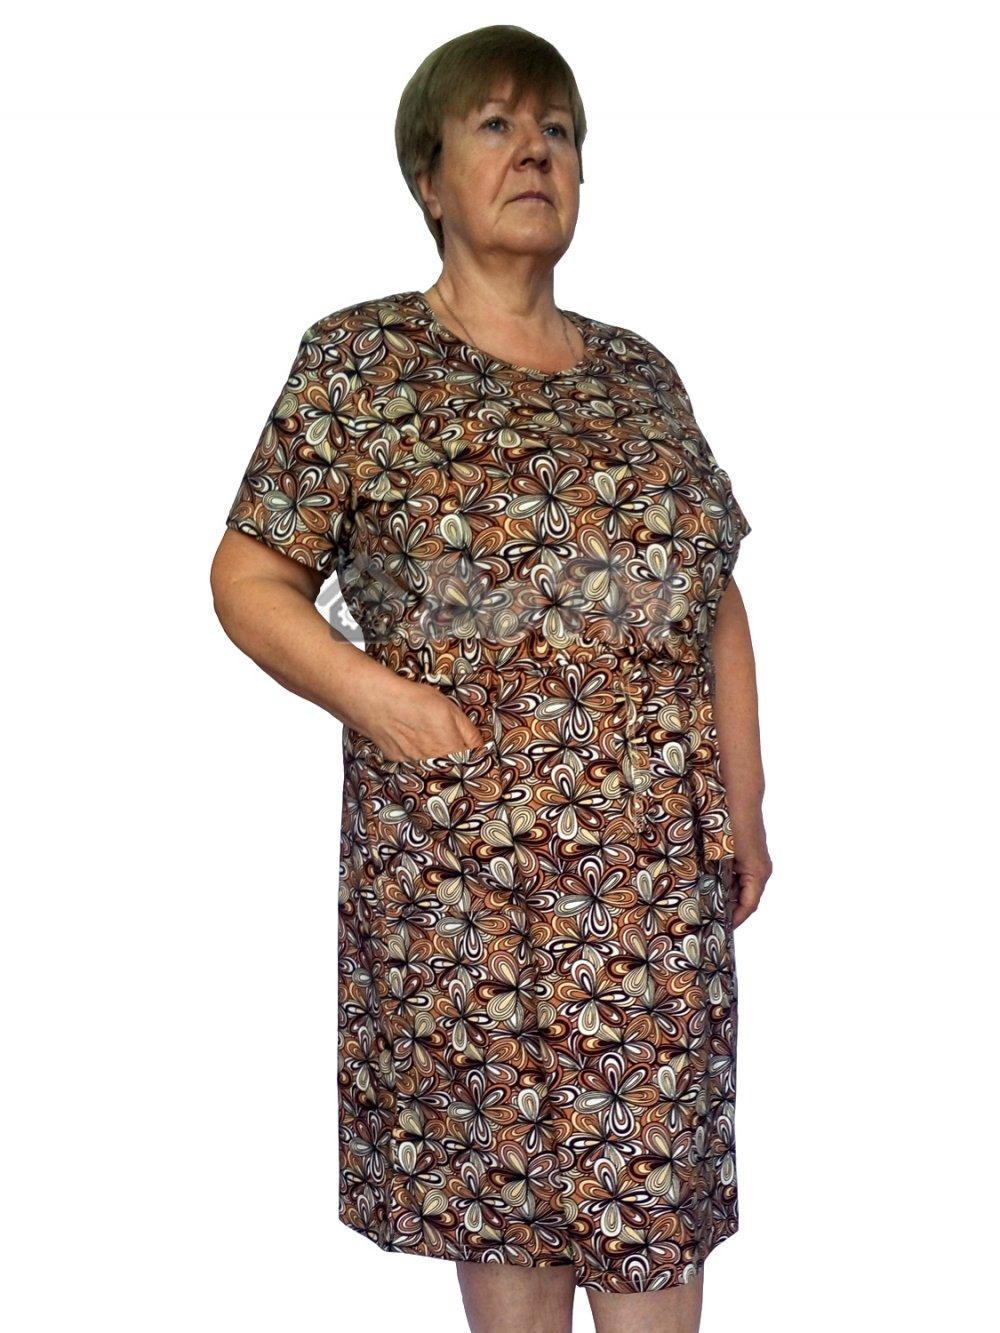 """Увеличить - Платье """"Модель №1"""" (бежевые цветы на коричневом фоне)"""